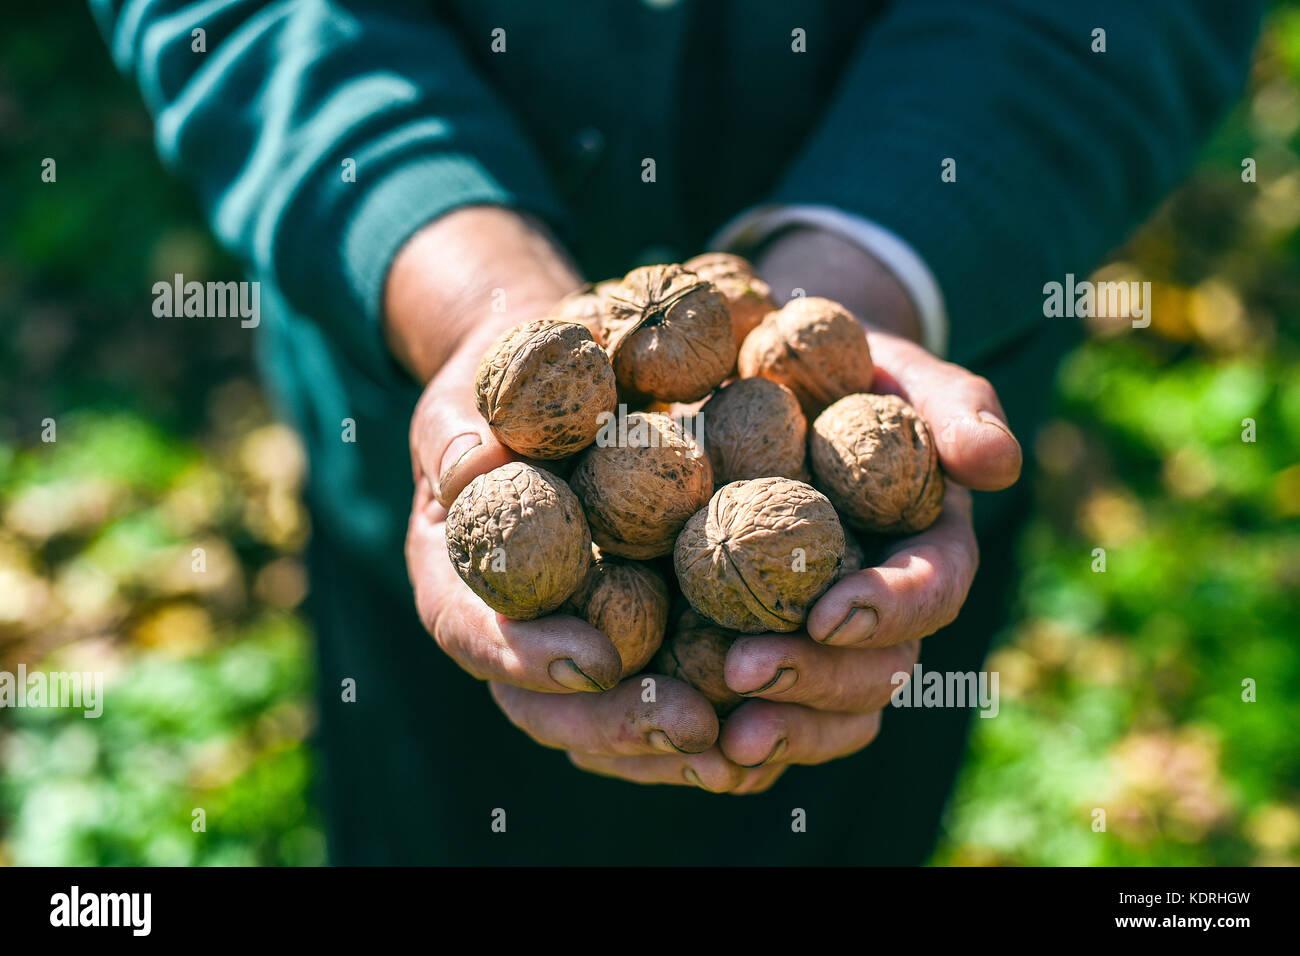 Poignée de noix dans les mains d'une vieille femme, concept, Ukraine Photo Stock